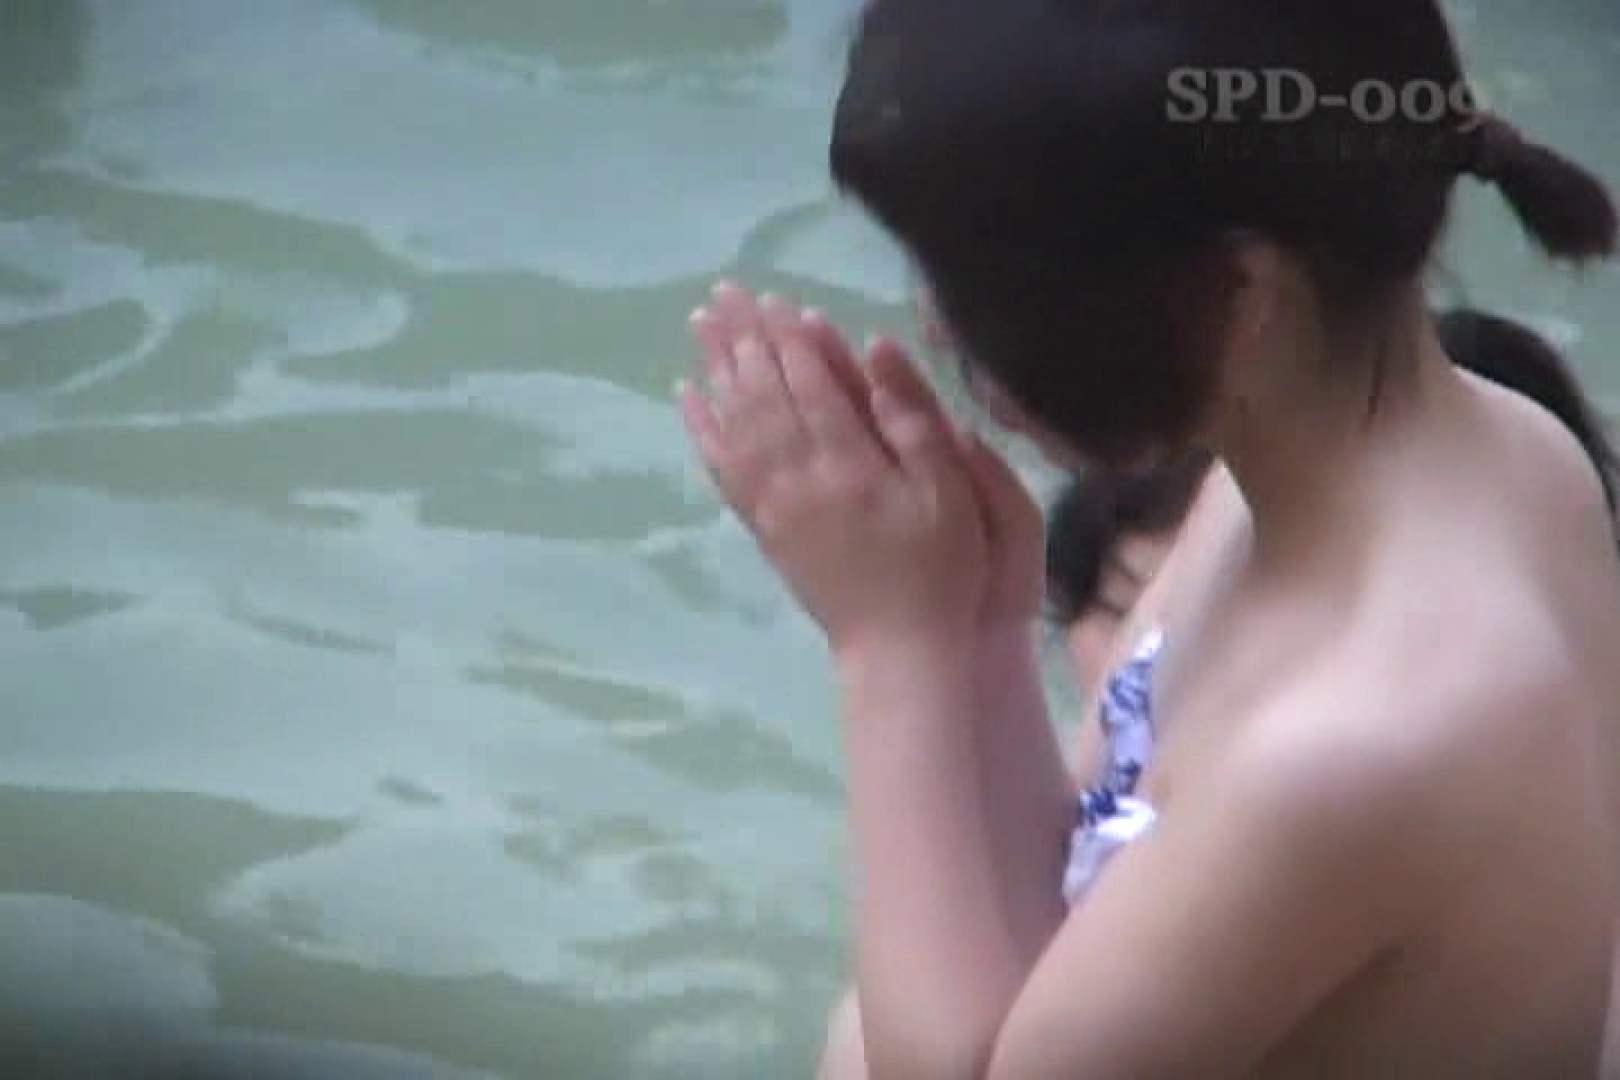 高画質版!SPD-009 新・露天浴場 2 高画質 | 露天風呂突入  78pic 37